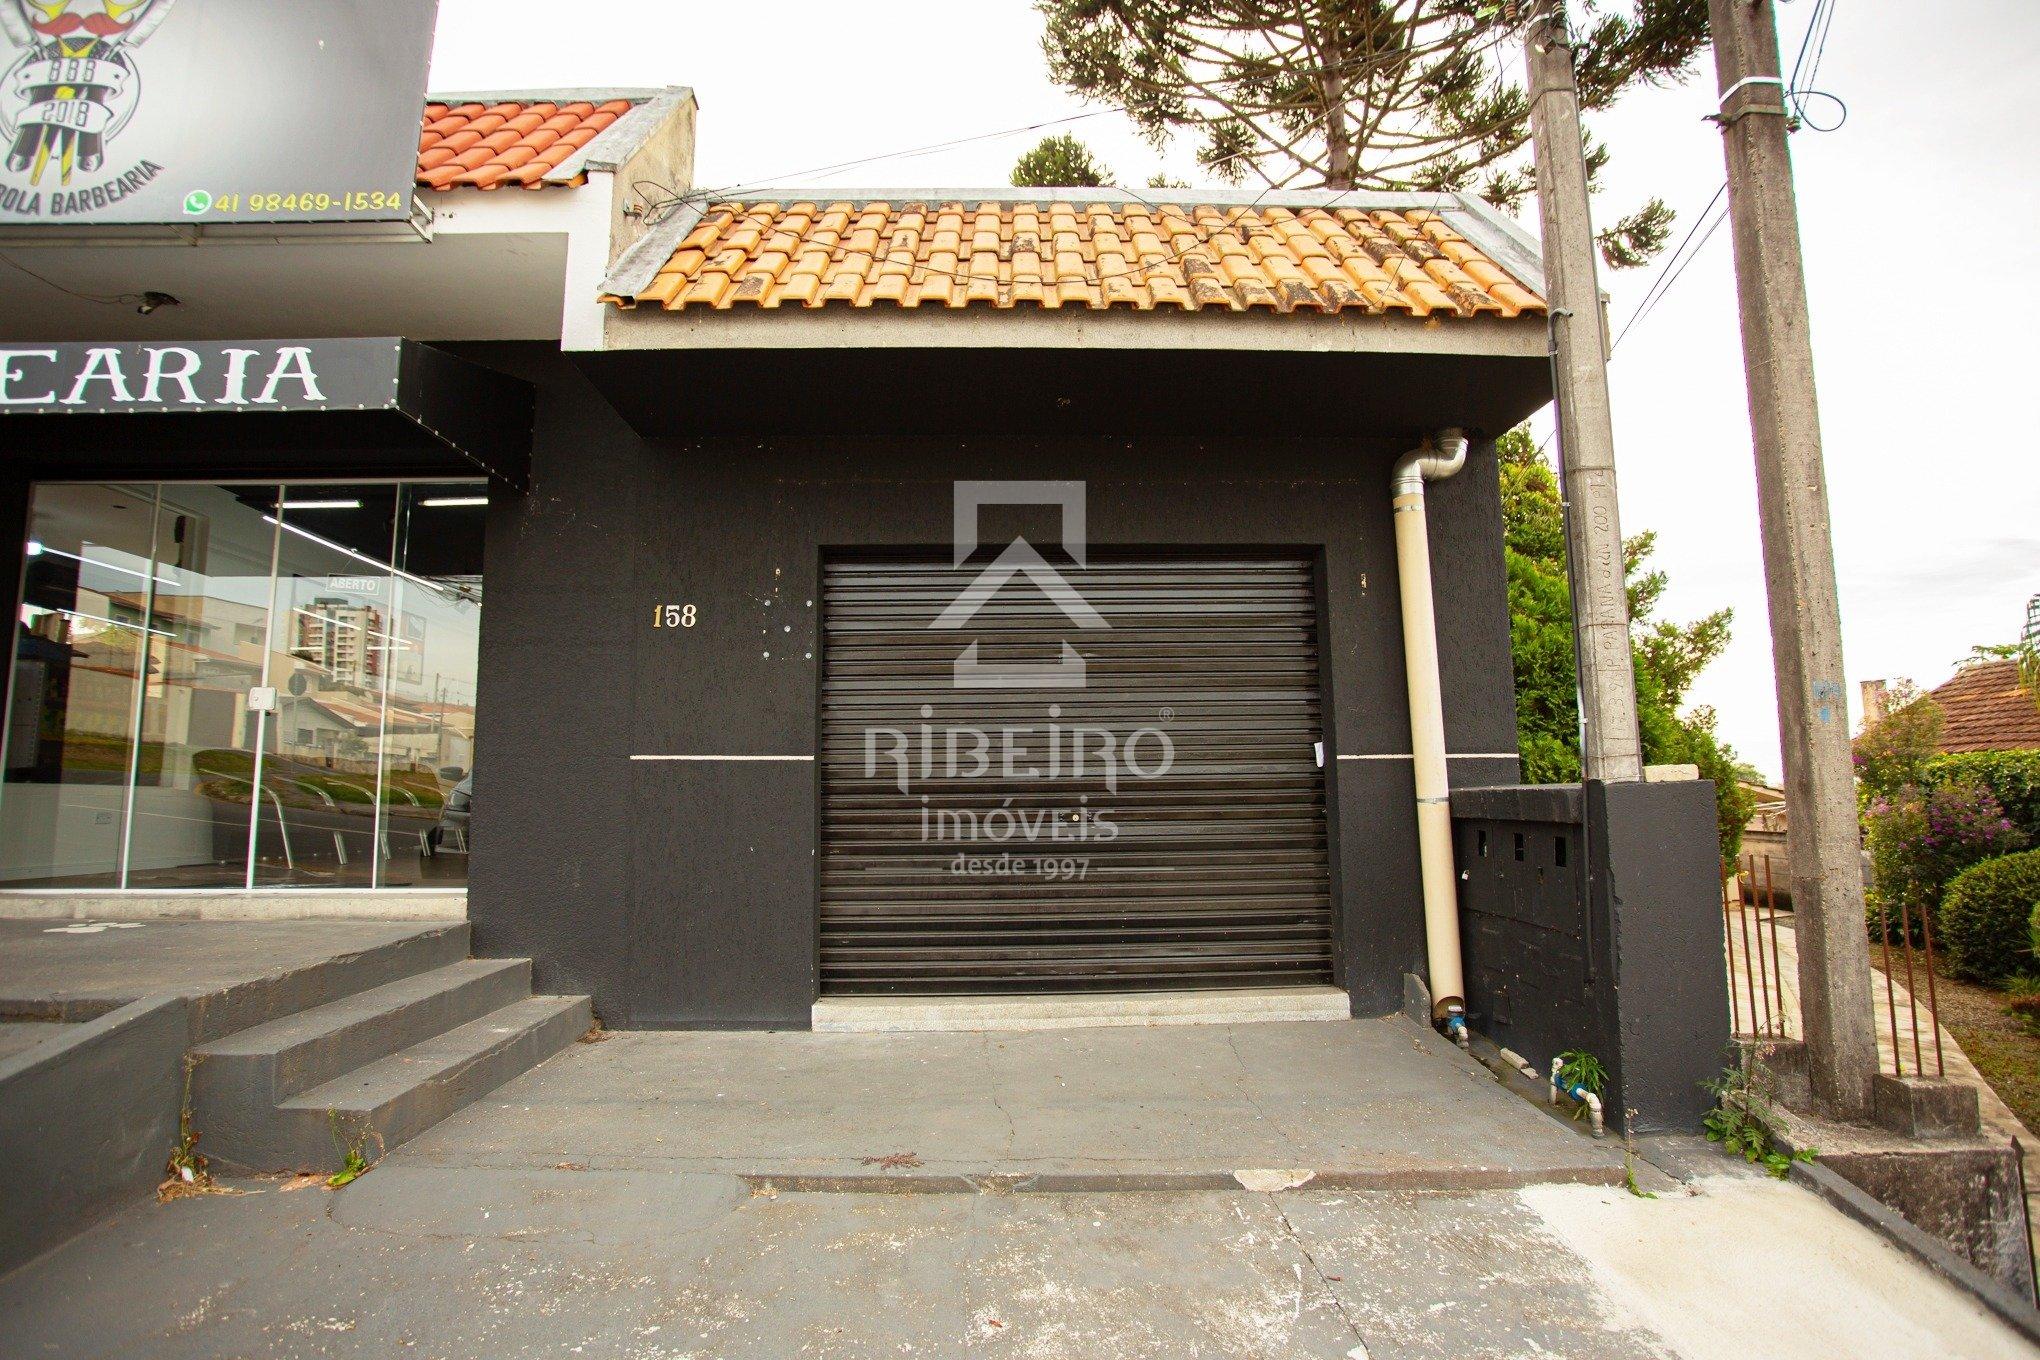 REF. 7727 -  São José Dos Pinhais - Rua  Uniao Da Vitoria, 158 - 01